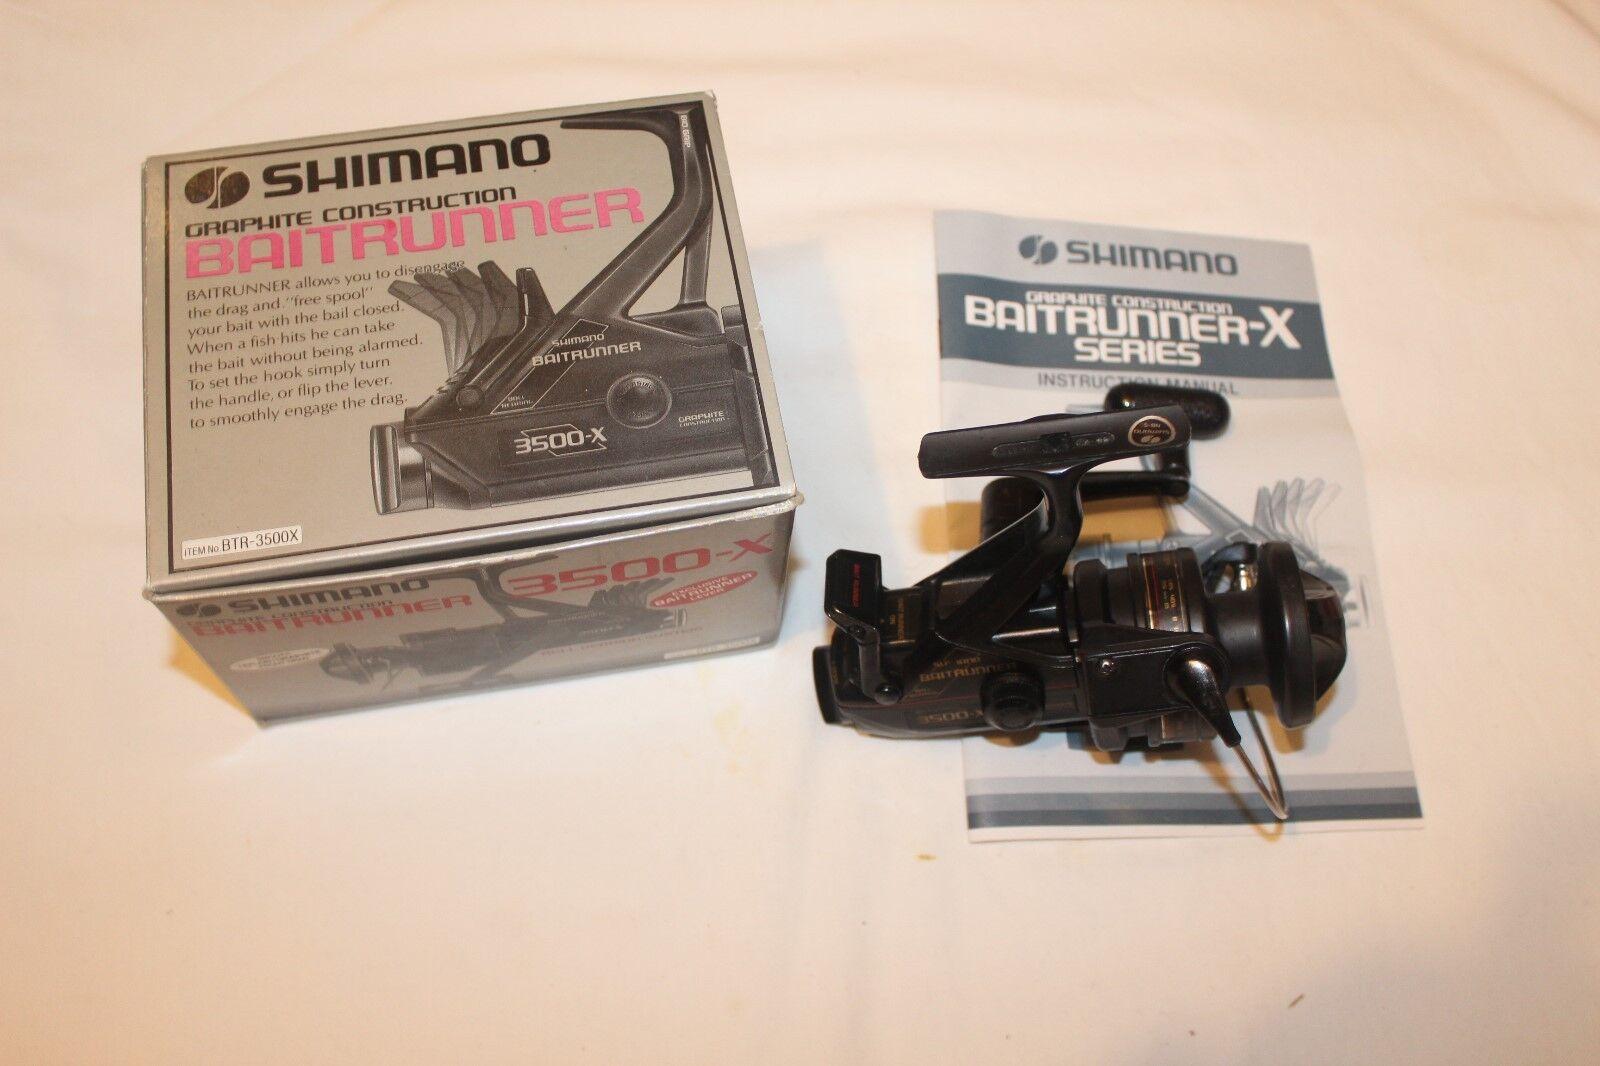 SHIMANO BAITRUNNER 3500-X-IM OVP-MADE IN JAPAN-Nr-1236